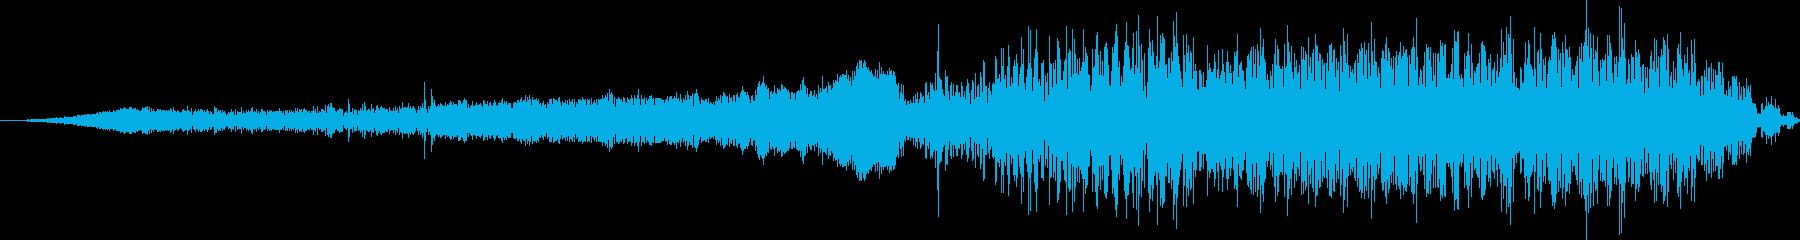 モンスタートラック:Ext:中速で...の再生済みの波形